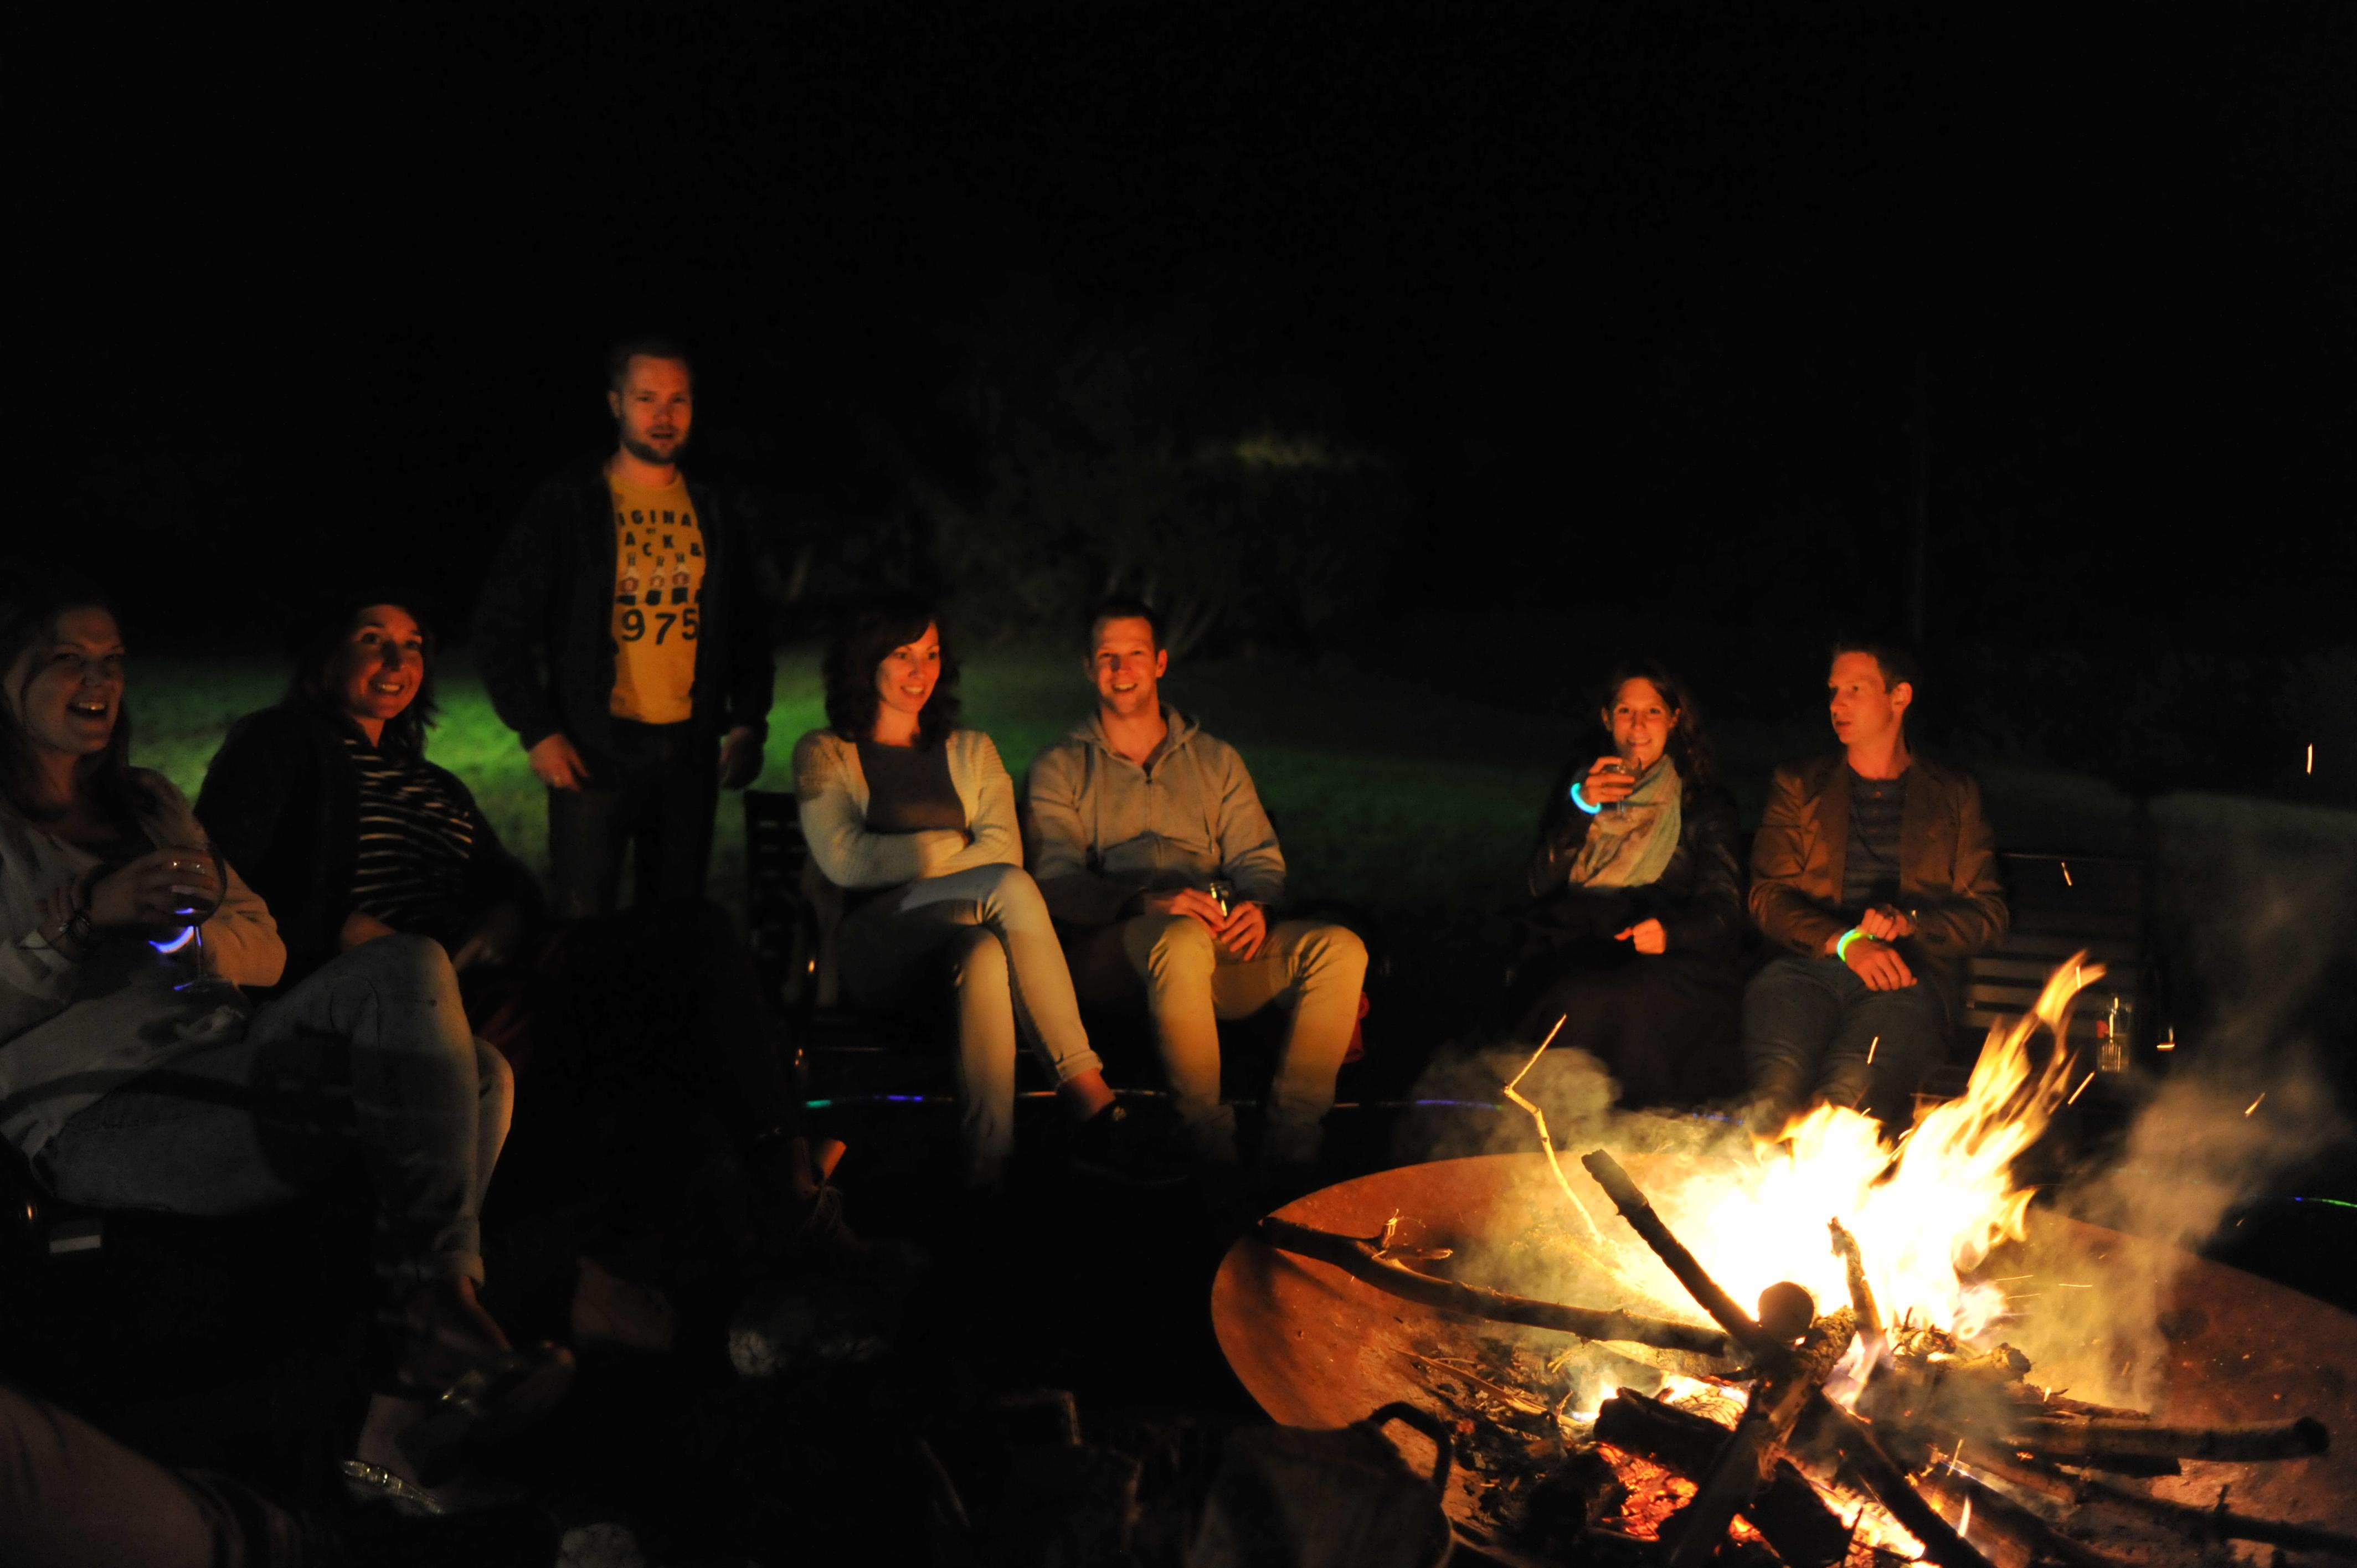 Gezellig ontspannen rond het vuur!